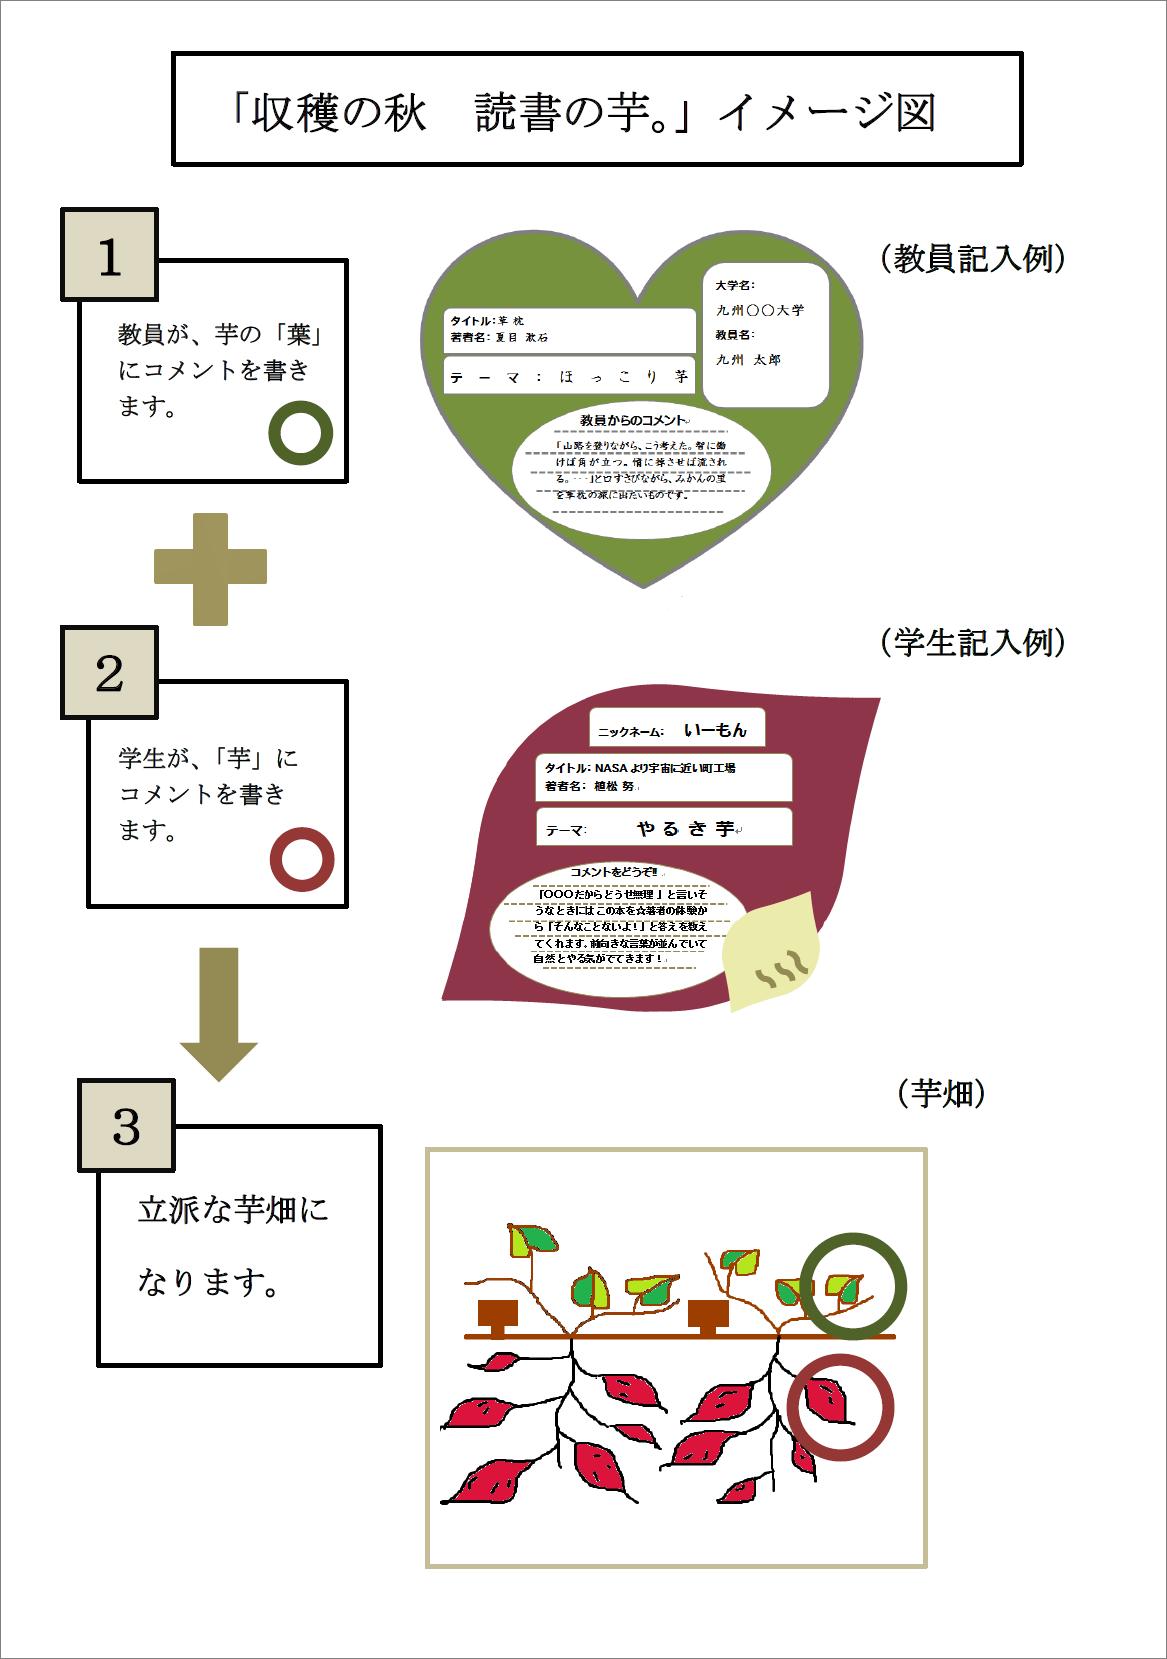 読書の芋イメージ図